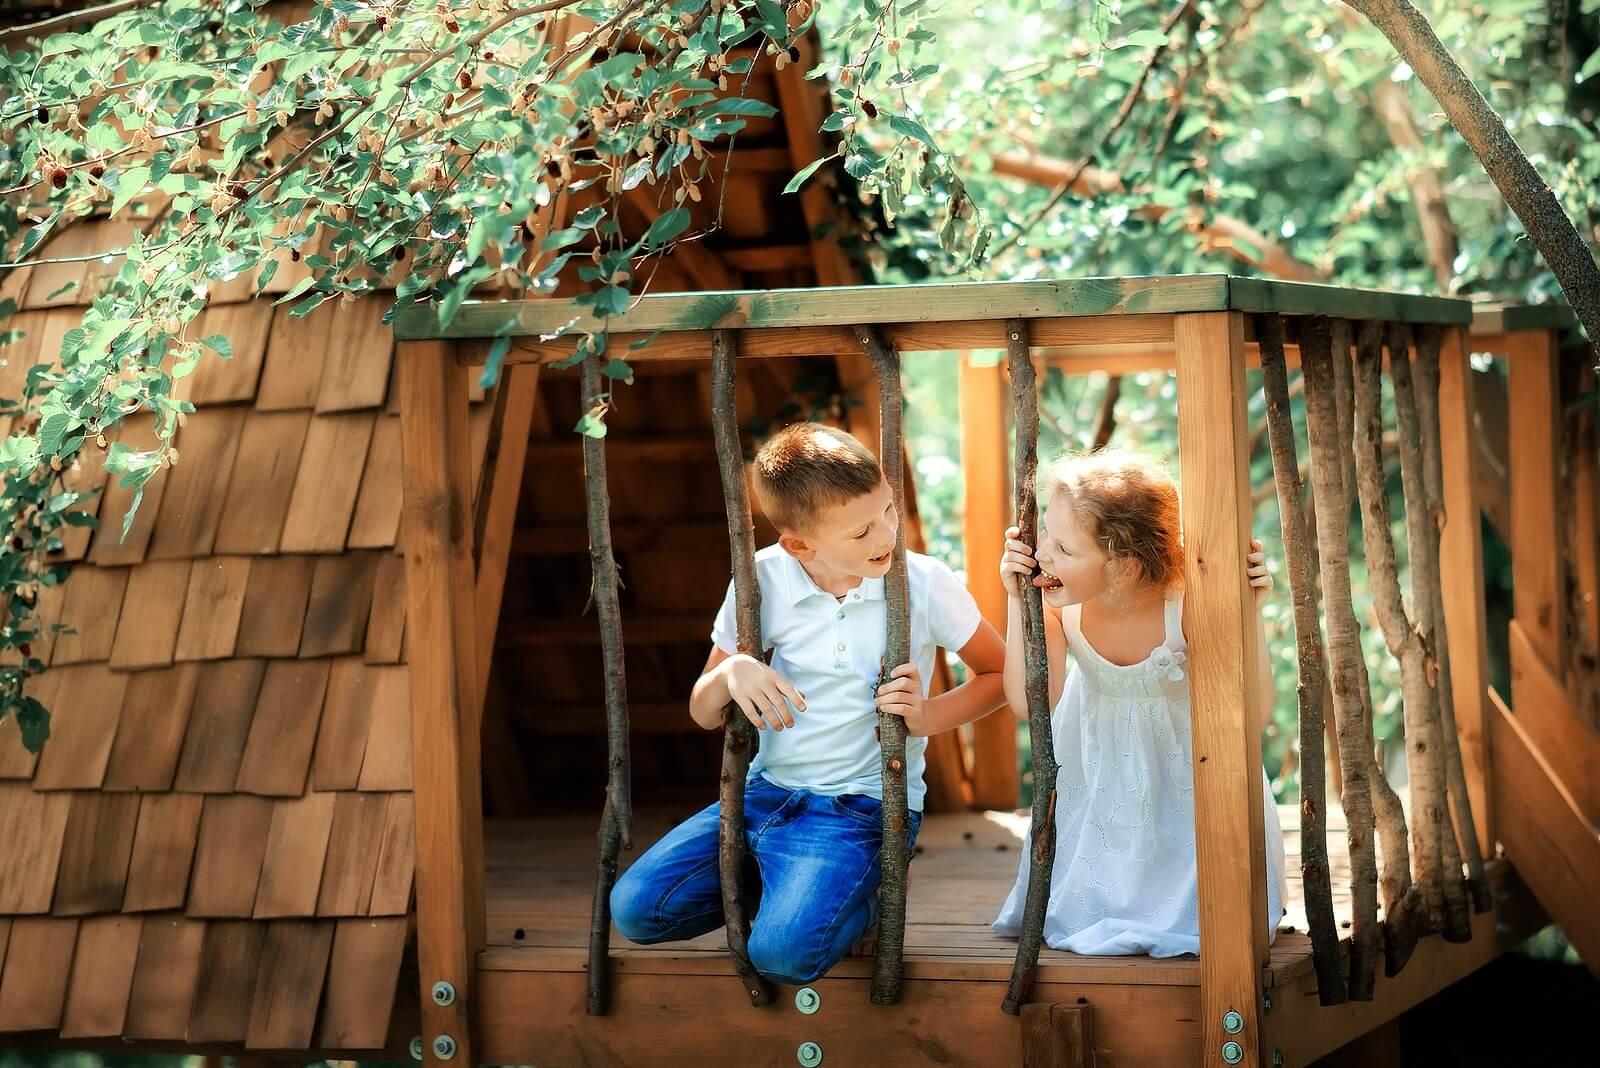 Niño jugando al escondite en la cabaña del bosque tras rifar antes de jugar.